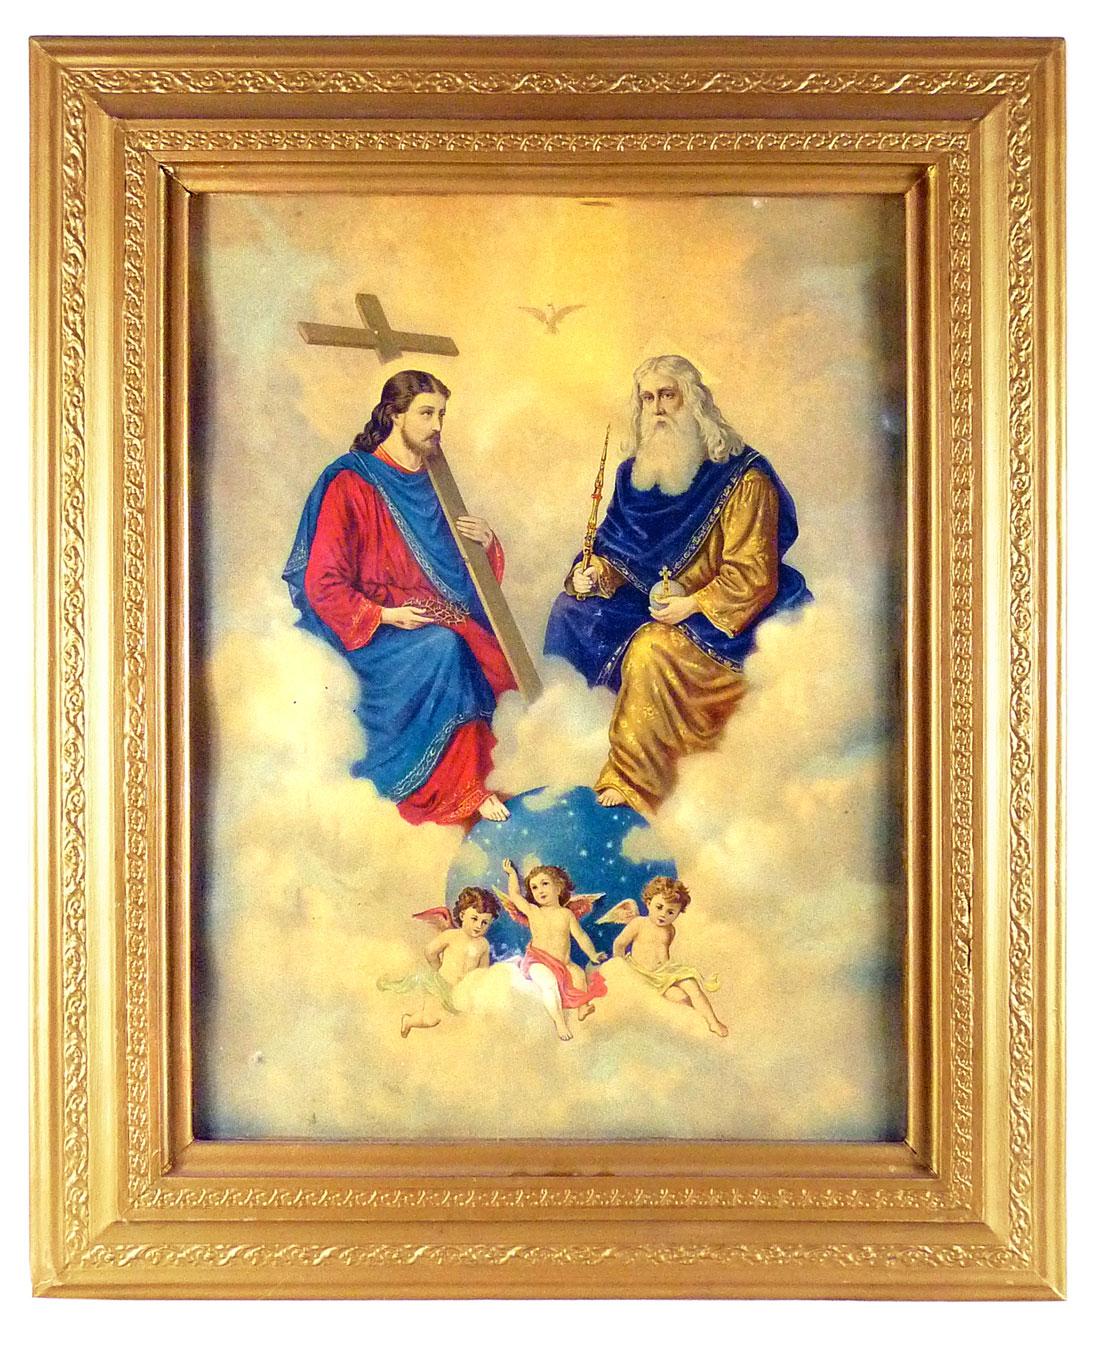 Bild, Jesus und Gott posieren über der Erde